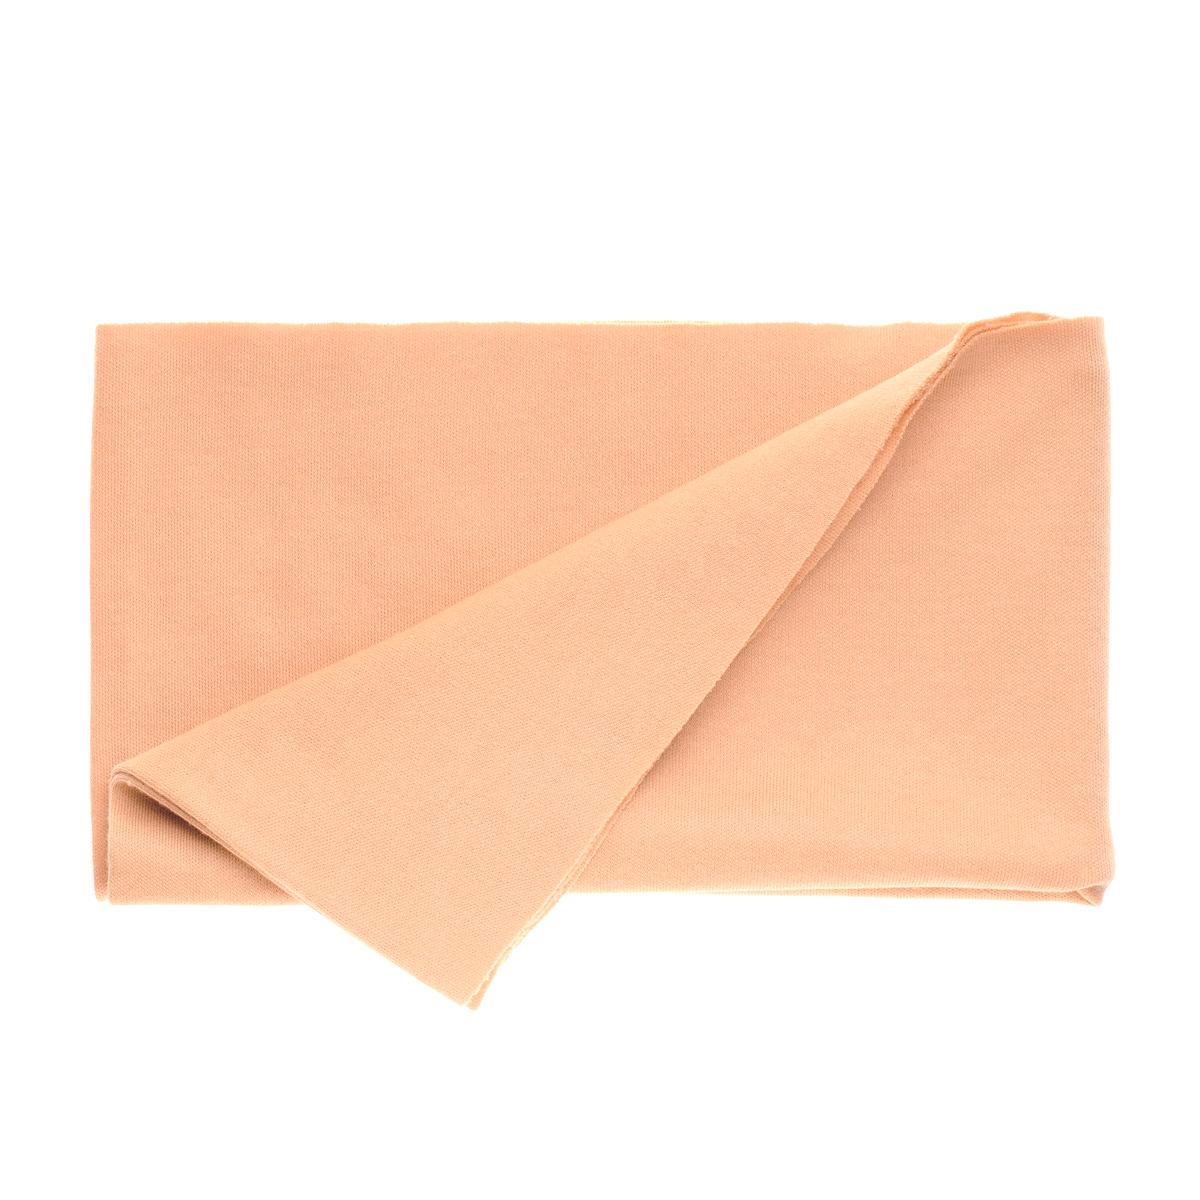 Ткань Glorex, тонкая, 1 м, цвет: светло-бежевый. 01450-17713183